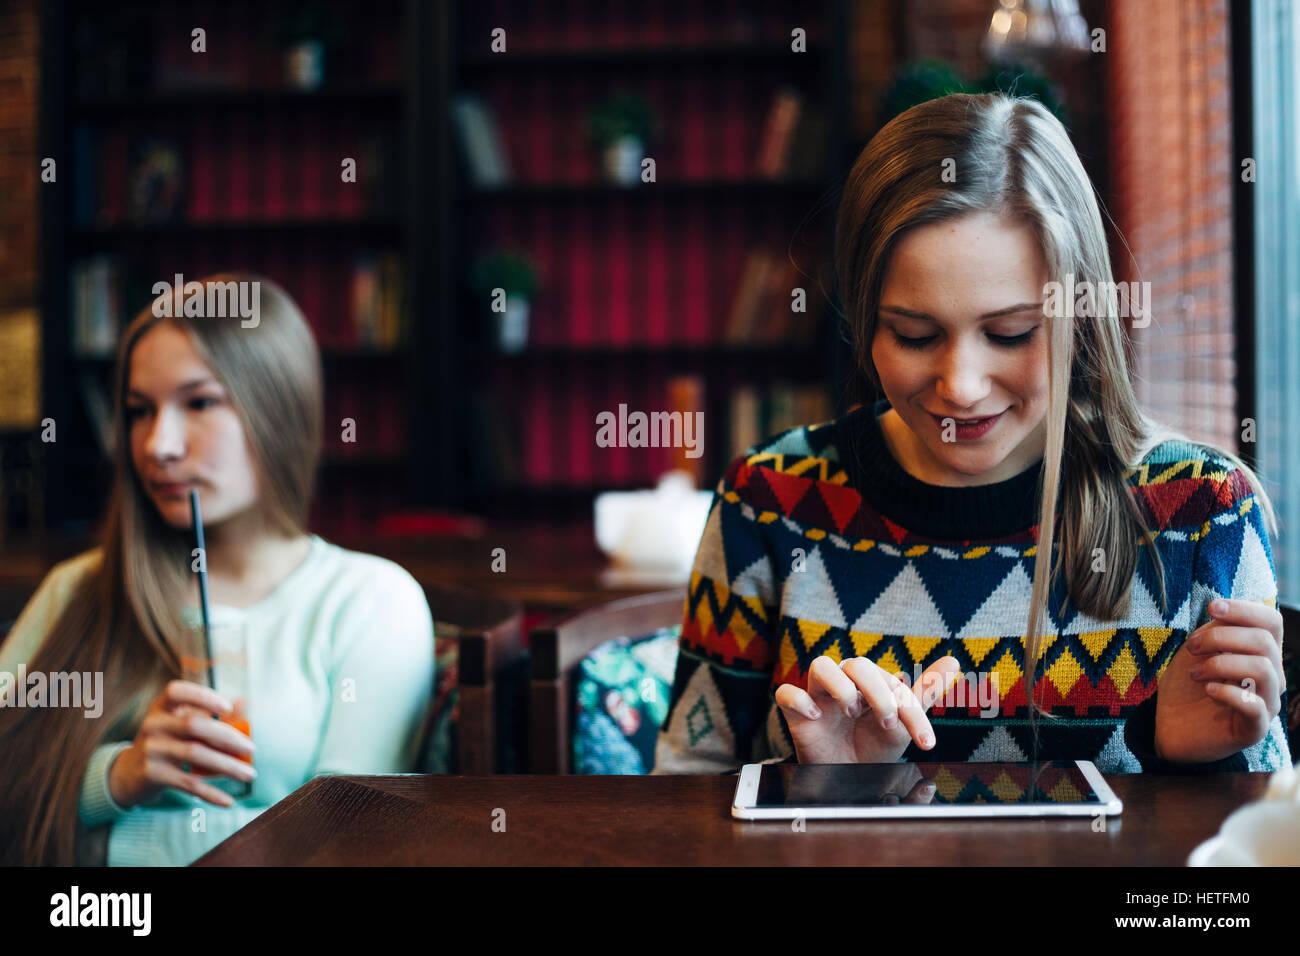 Freundinnen in ein Café zu kommunizieren Stockbild